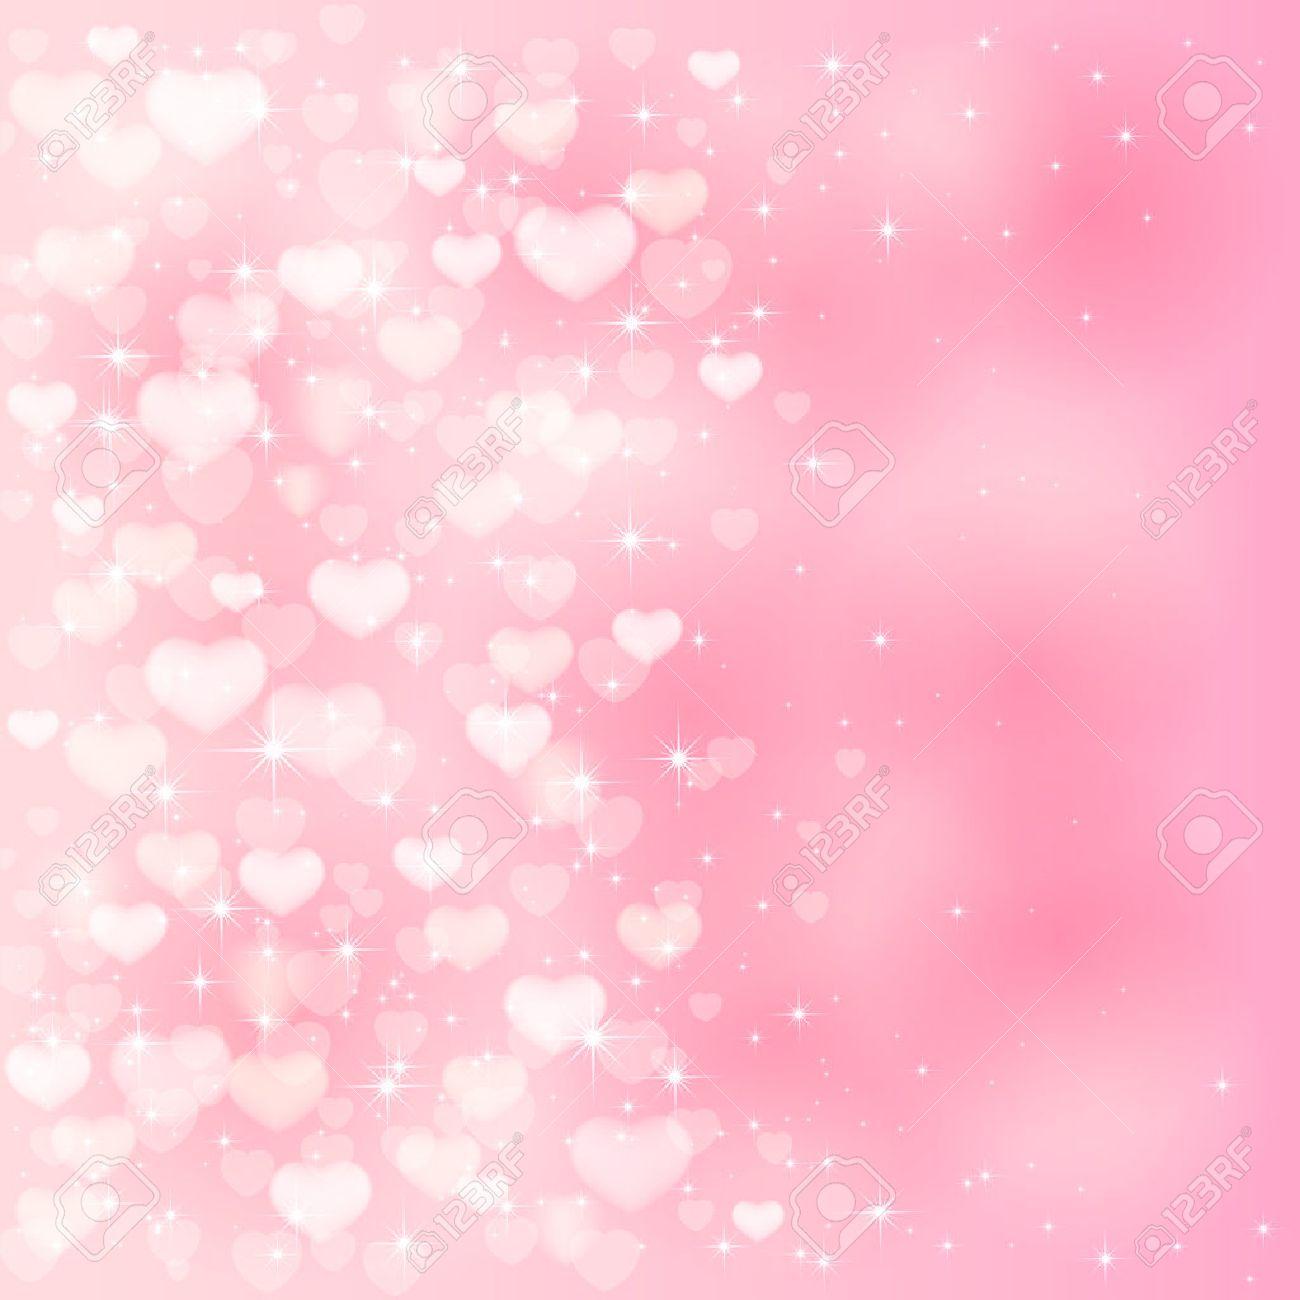 ピンクのハートや星、イラストとぼやけてバレンタイン背景